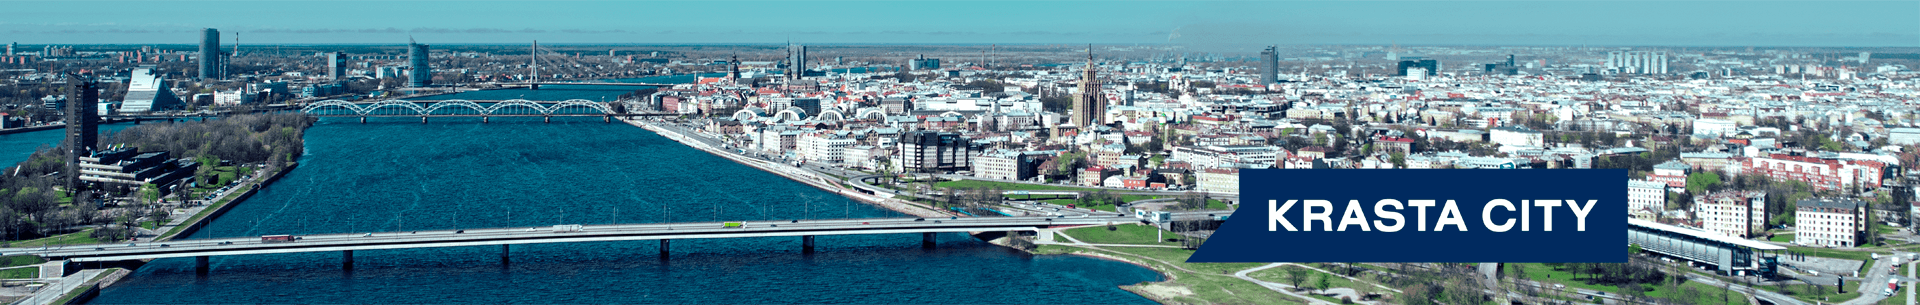 Krasta City